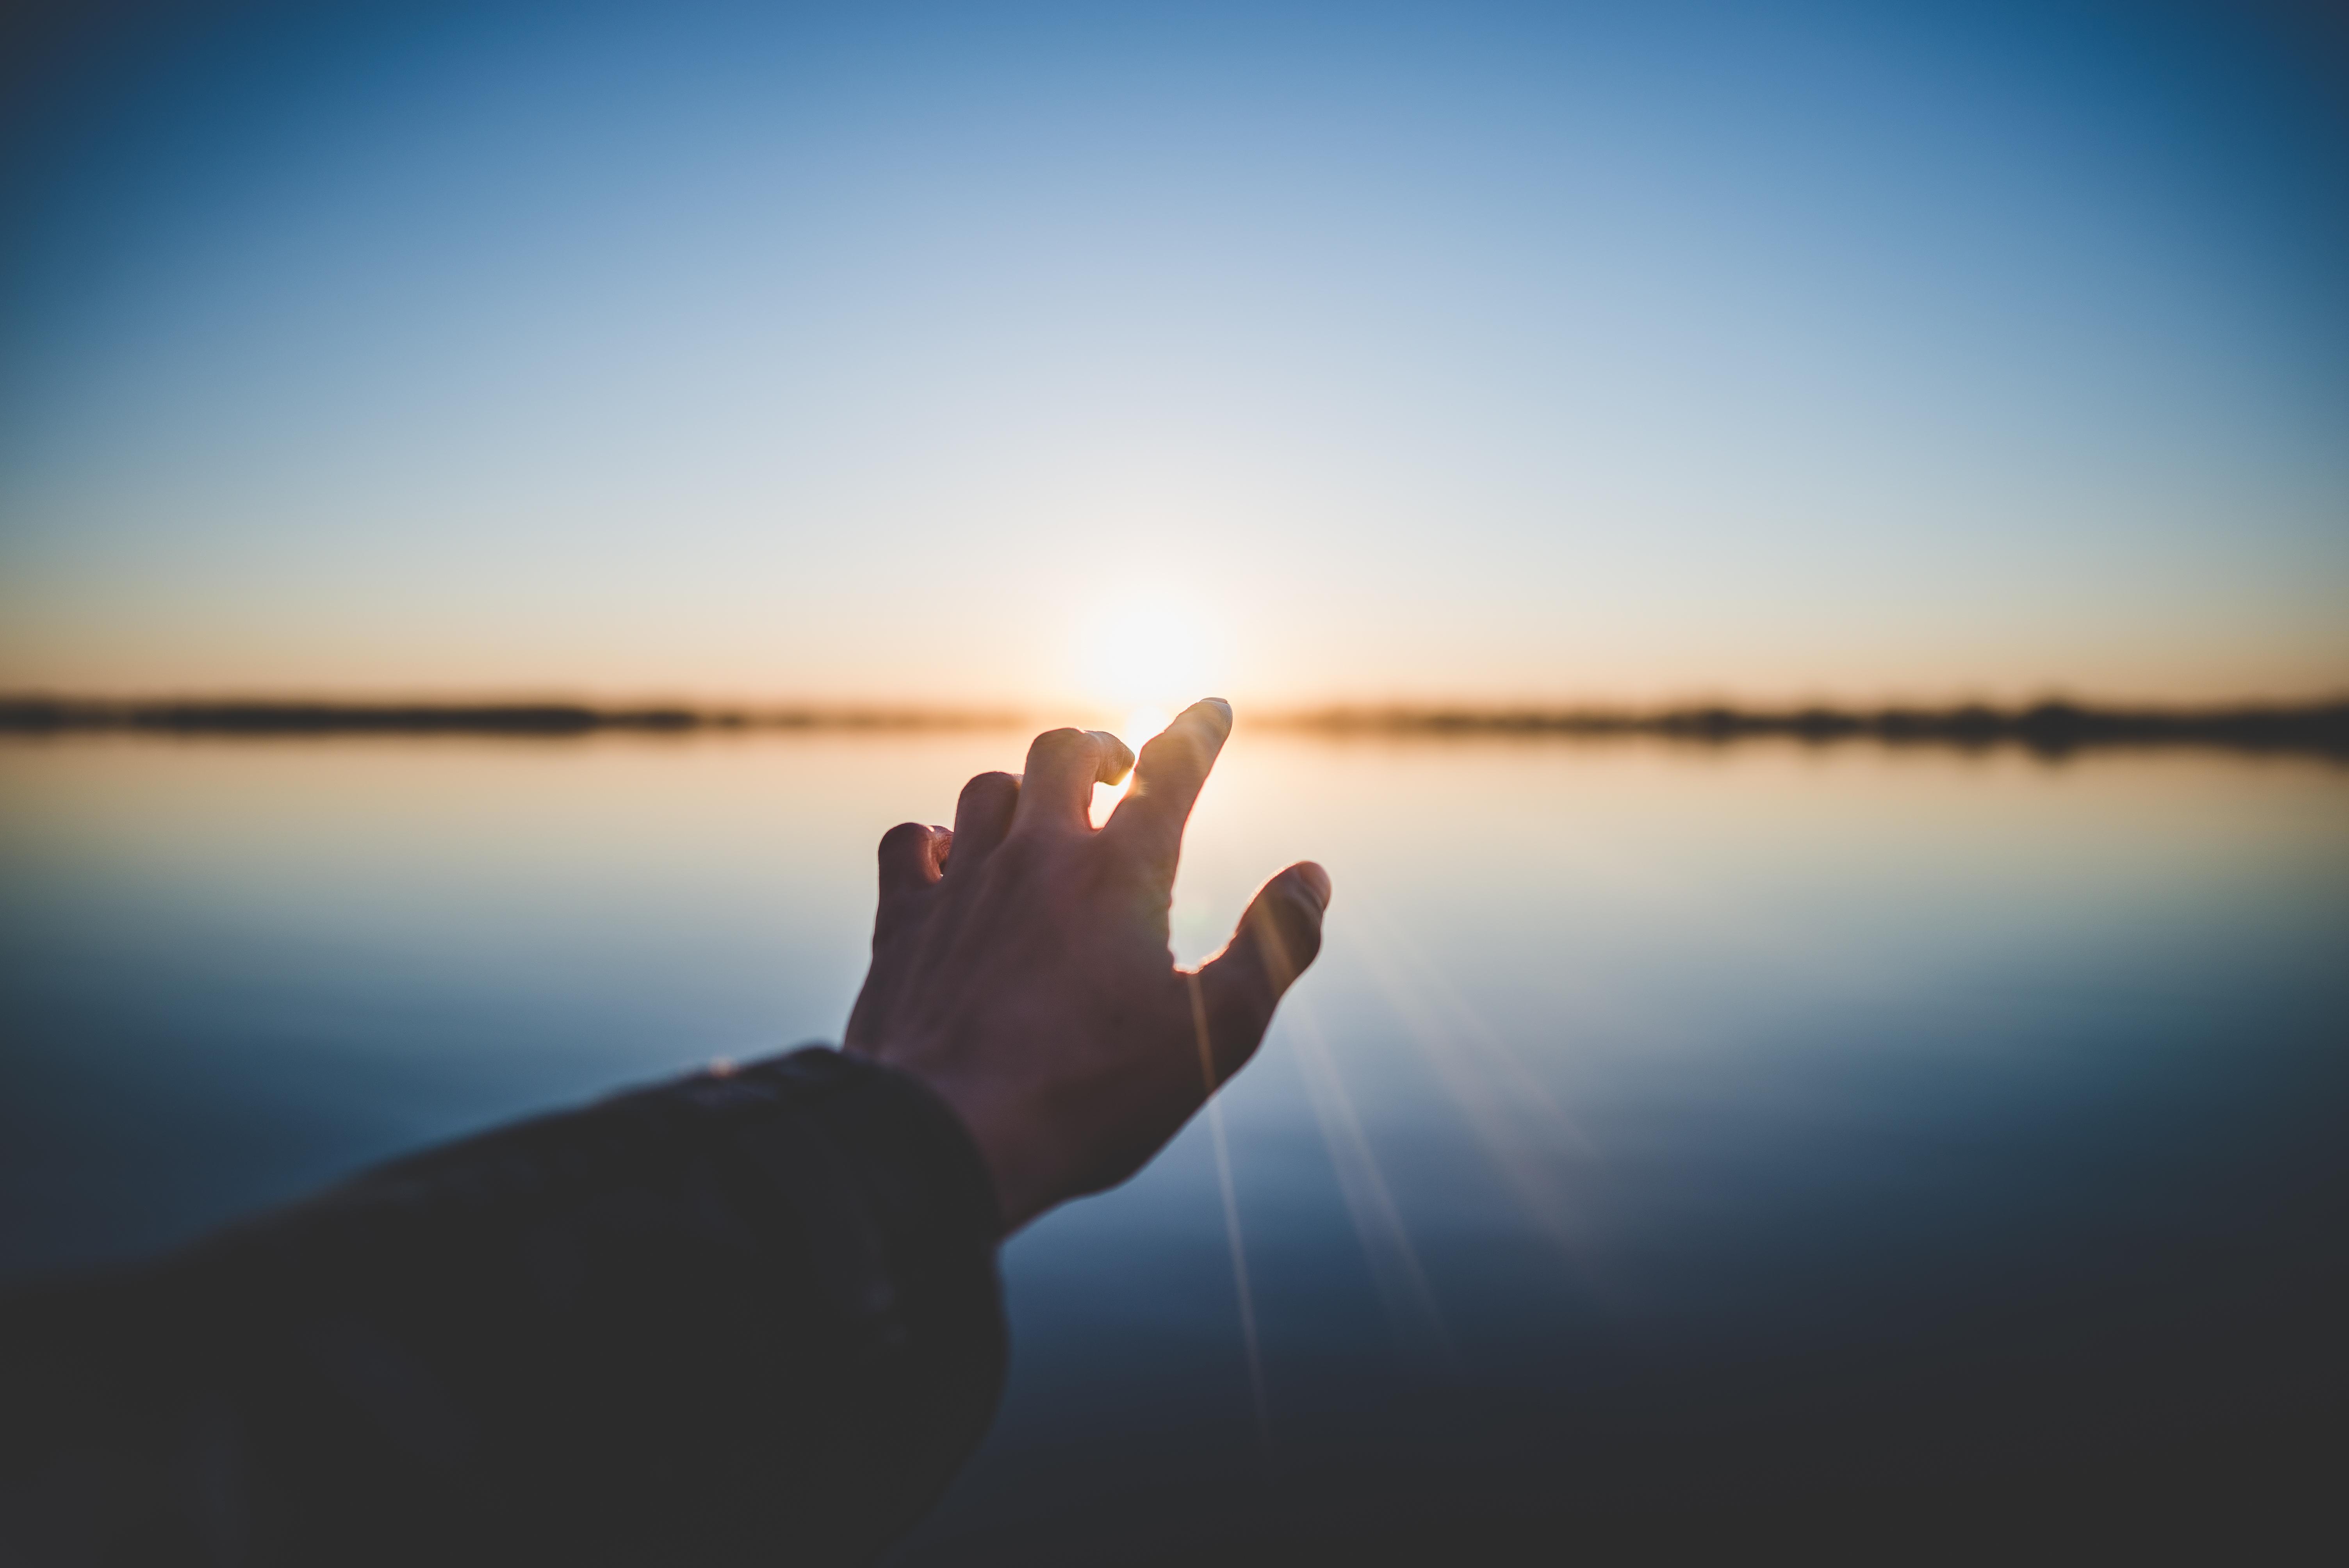 красивые картинки рук на фоне неба такой